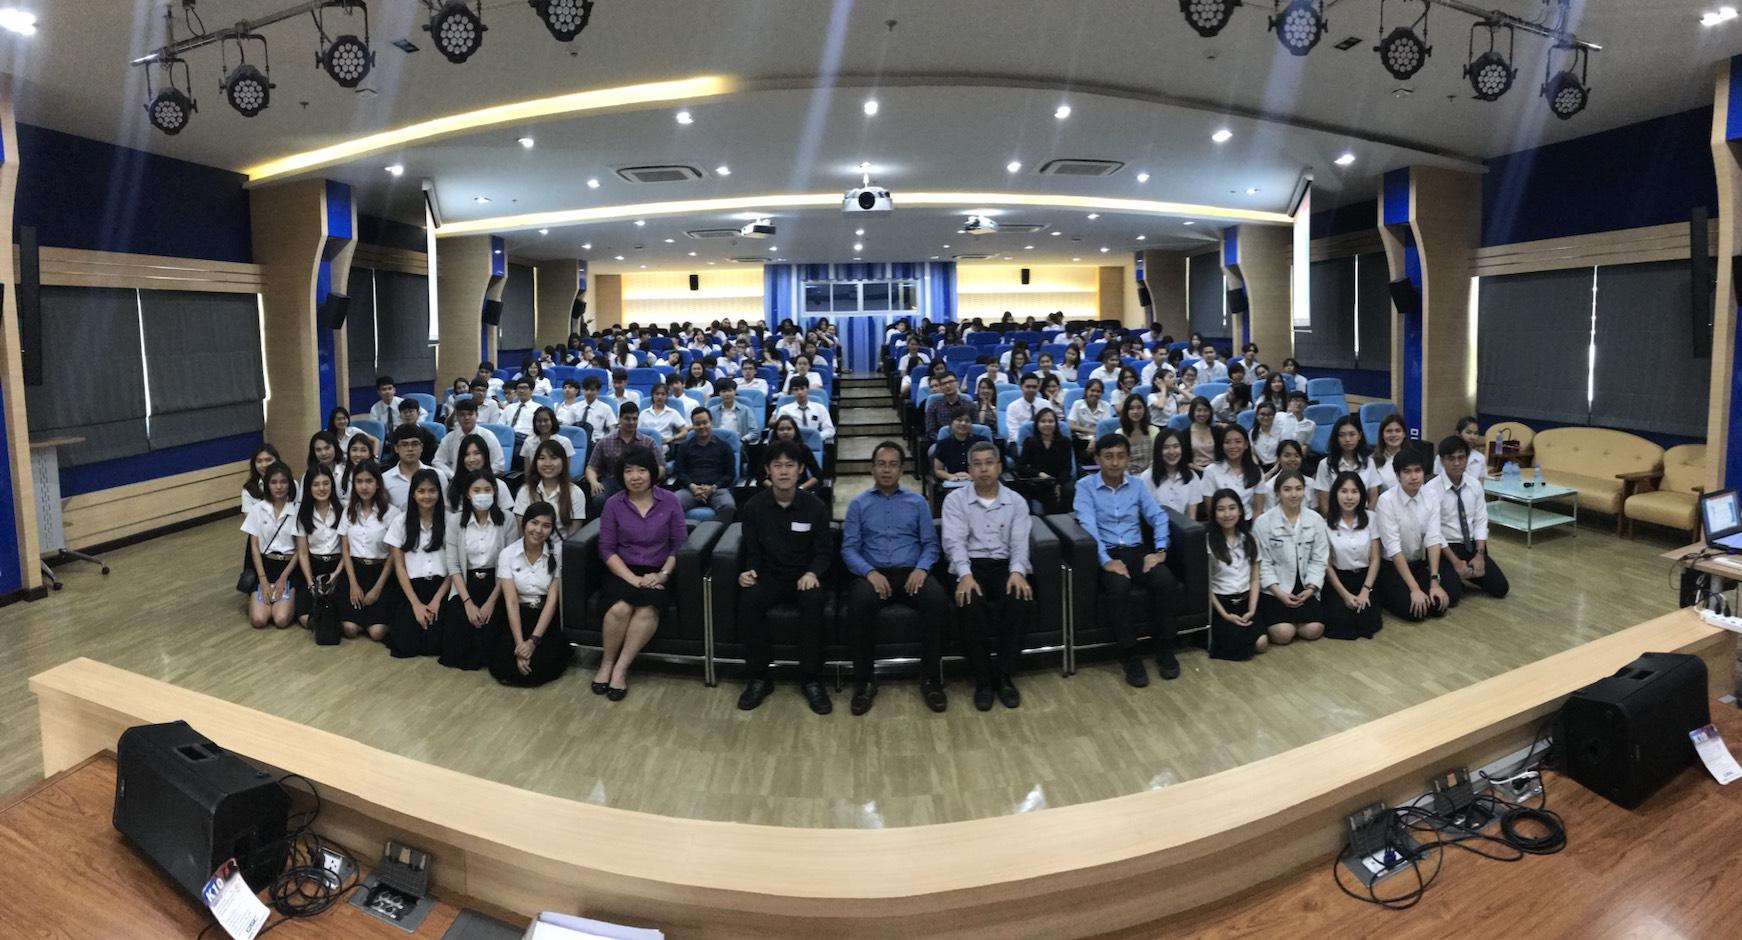 โครงการสัมมนาสหกิจศึกษา ภาค 2 ปี 2560